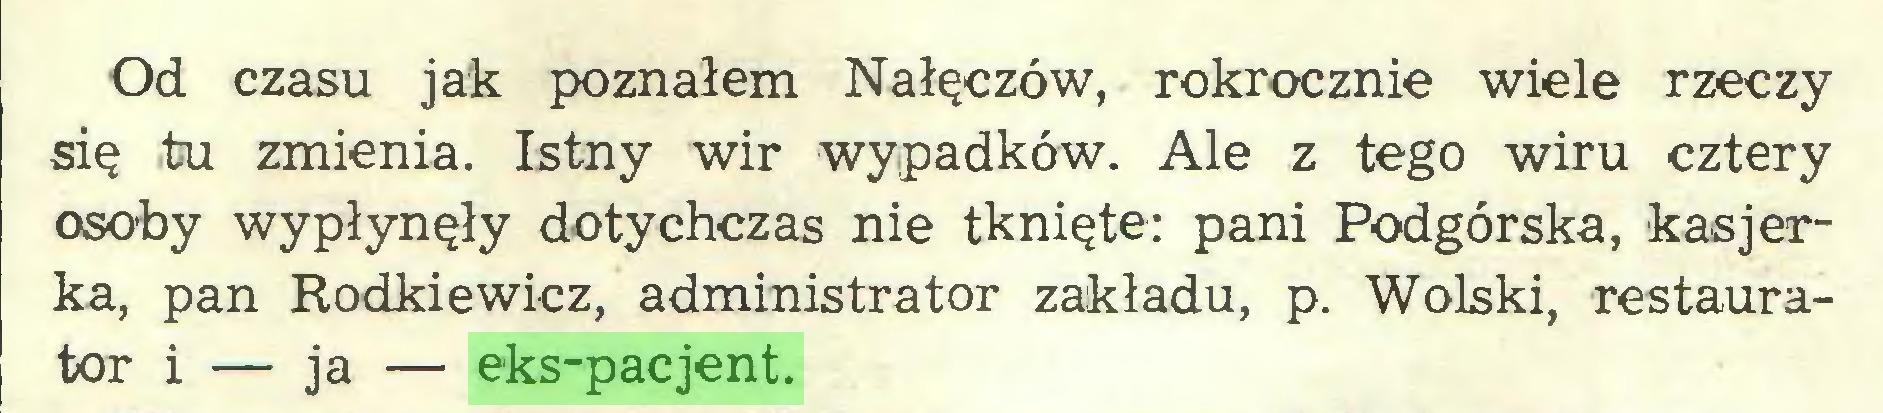 (...) Od czasu jak poznałem Nałęczów, rokrocznie wiele rzeczy się tu zmienia. Istny wir wypadków. Ale z tego wiru cztery osoby wypłynęły dotychczas nie tknięte: pani Podgórska, kasjerka, pan Rodkiewicz, administrator zakładu, p. Wolski, restaurator i — ja — eks-pacjent...